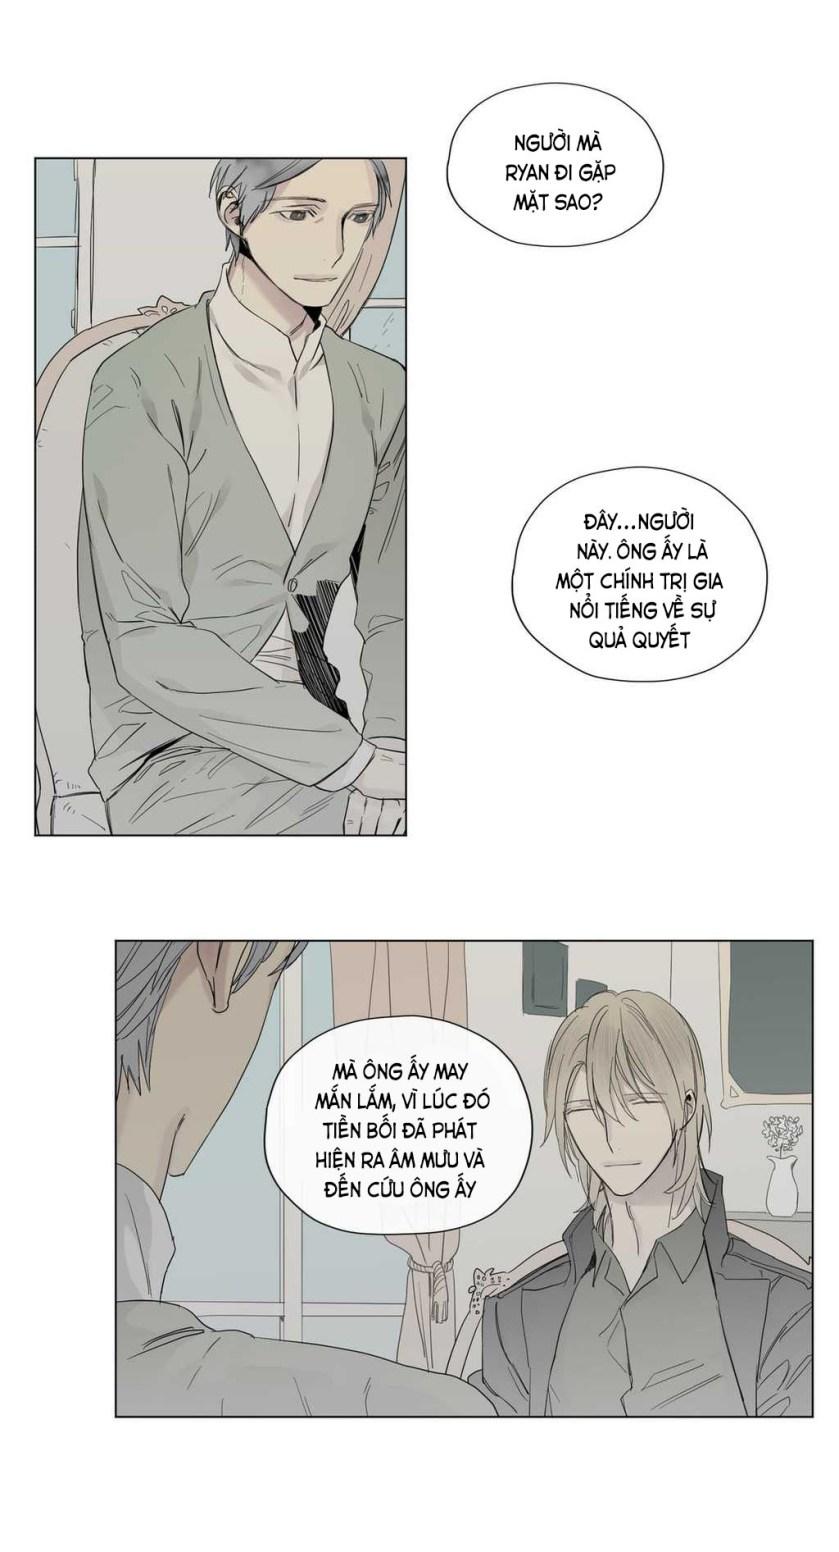 [ Manhwa ] Người Hầu Hoàng Gia Chap 18 page 63 - Truyentranhaz.net